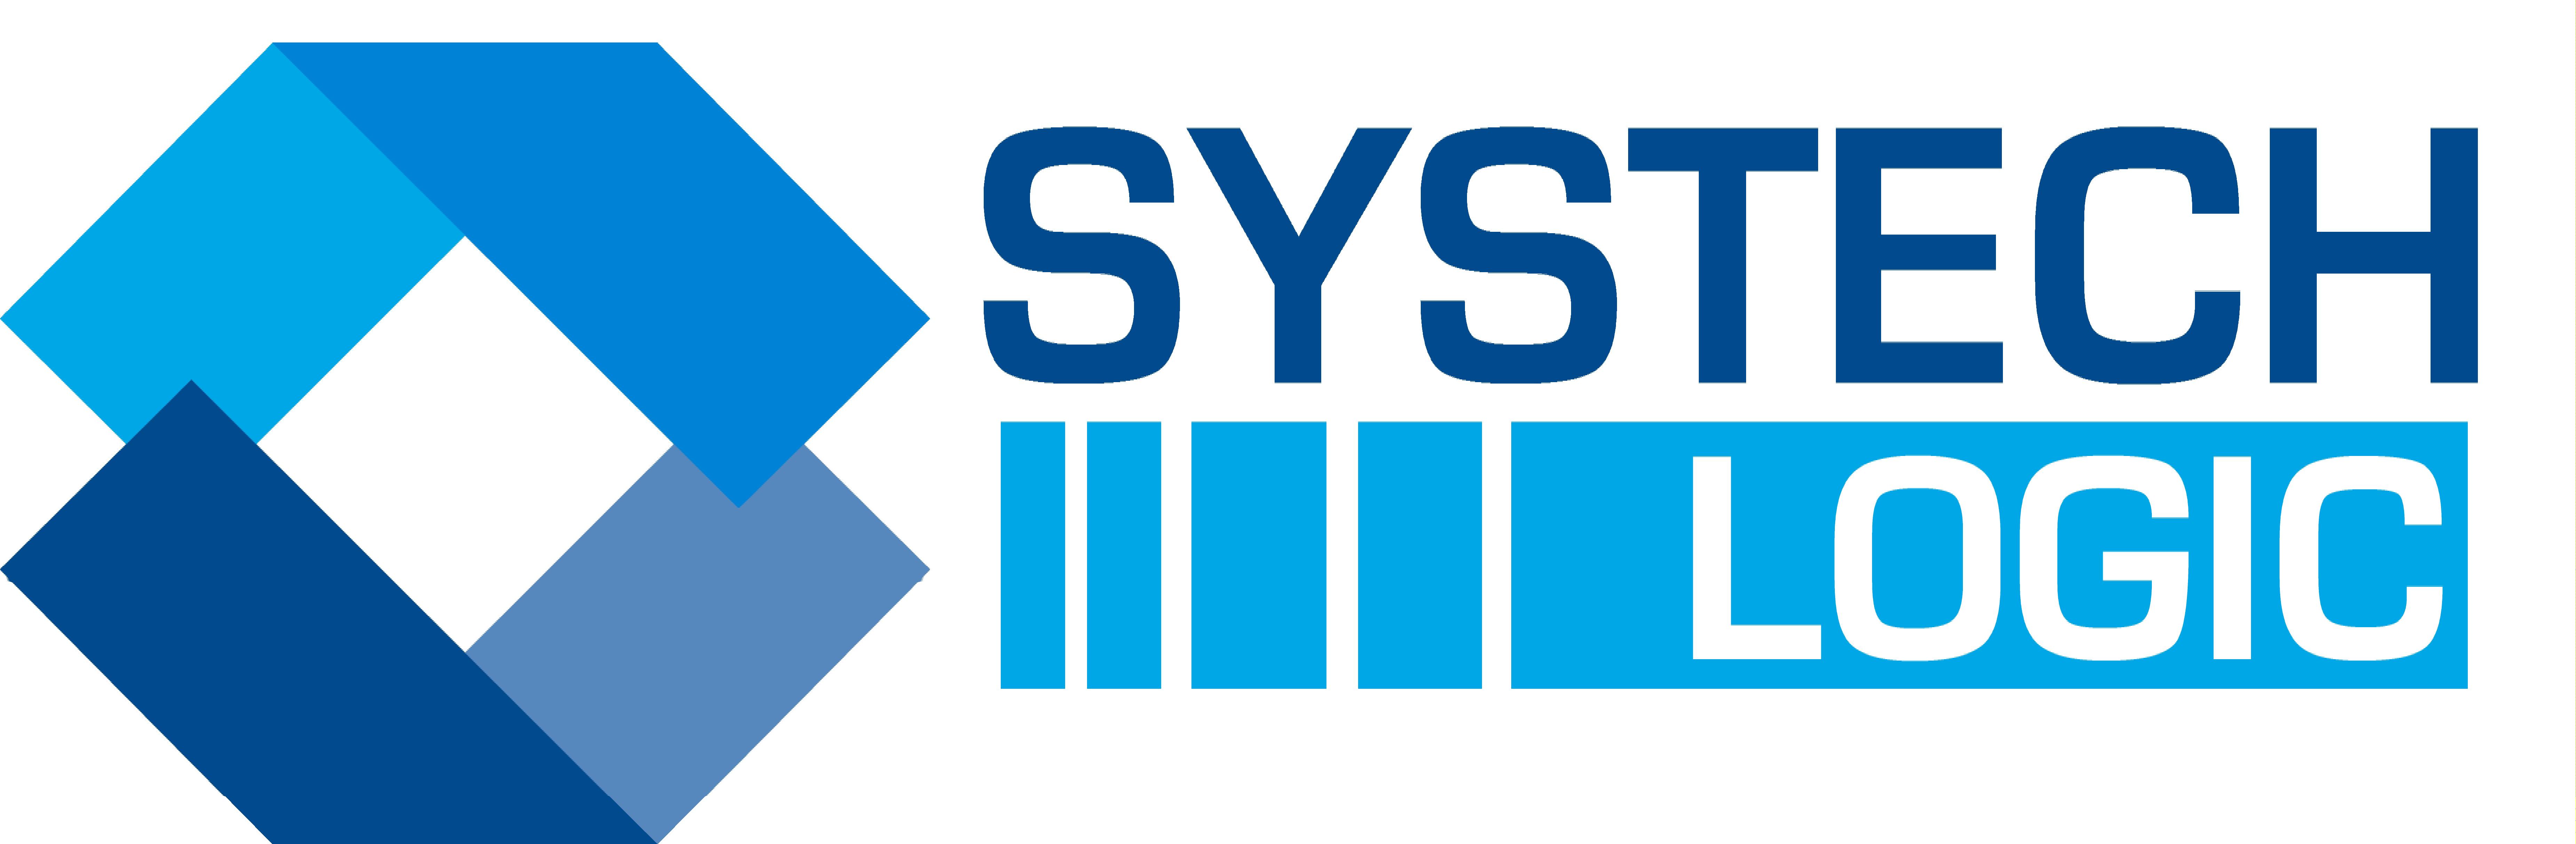 Systechlogic Logo